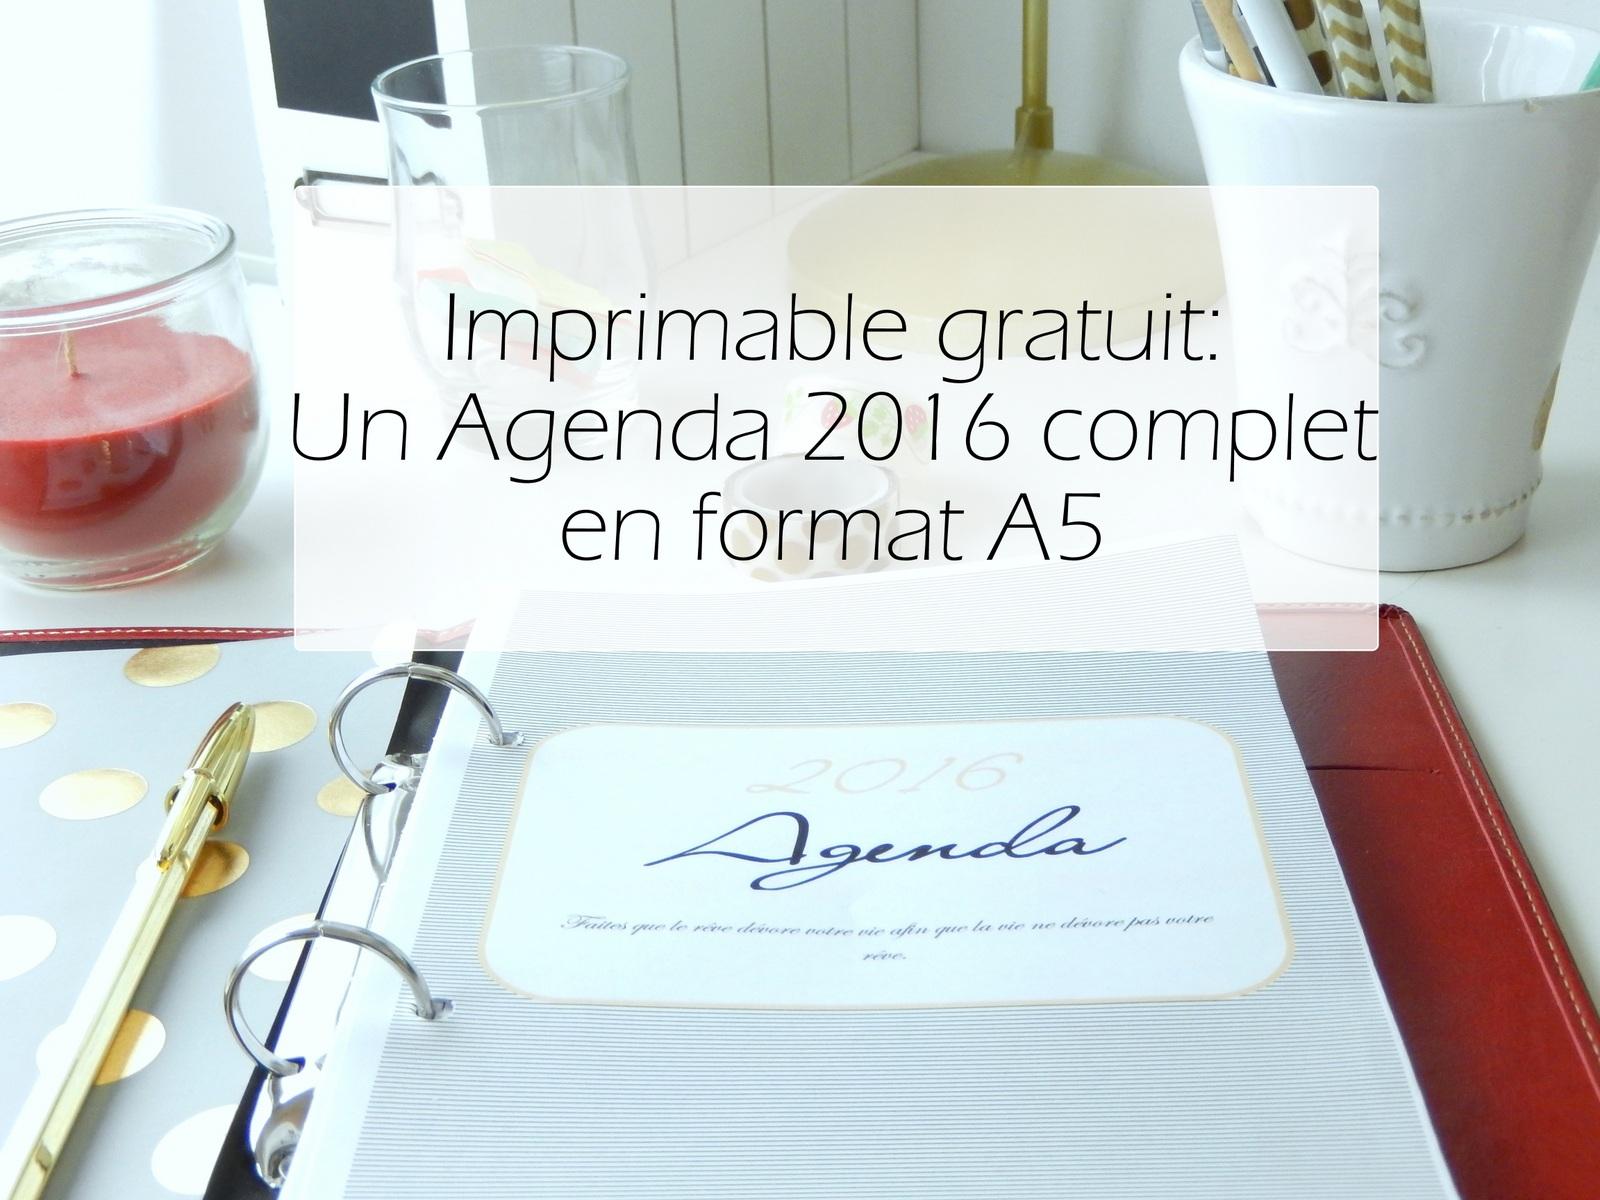 Exceptionnel Free printable: un agenda complet 2016 à imprimer en format A5  PV65